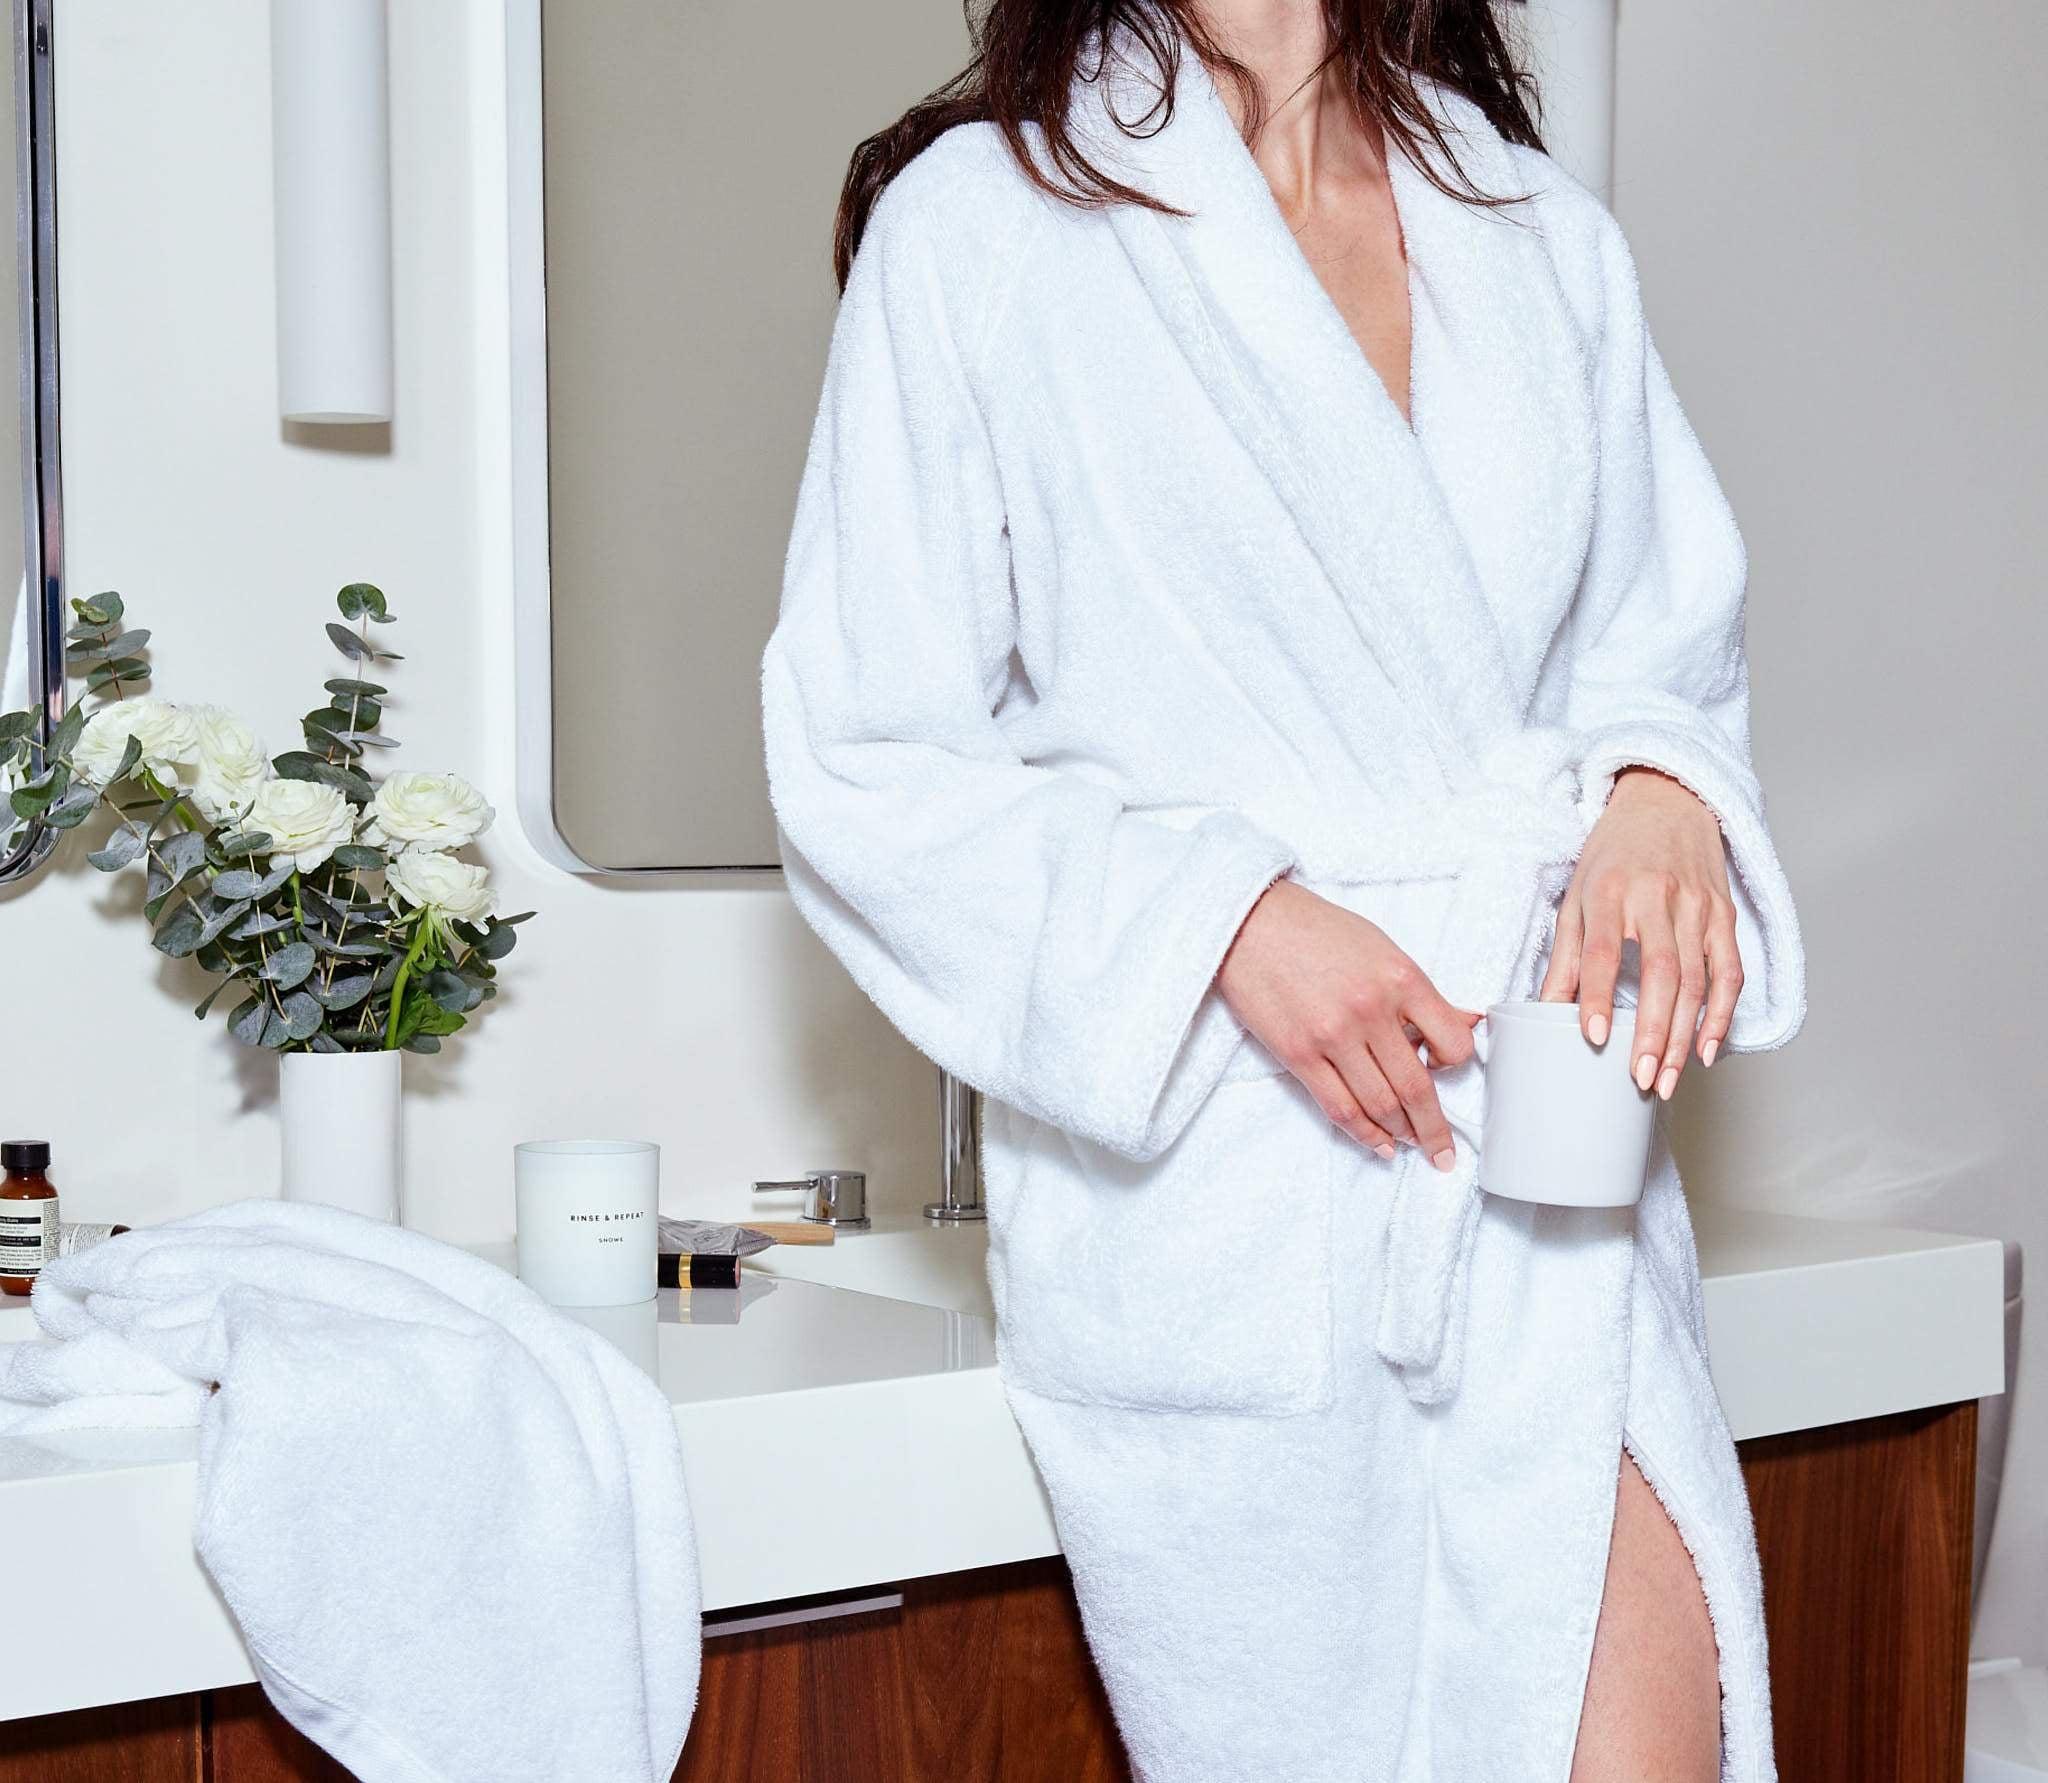 Best Bathrobe Brands for Women